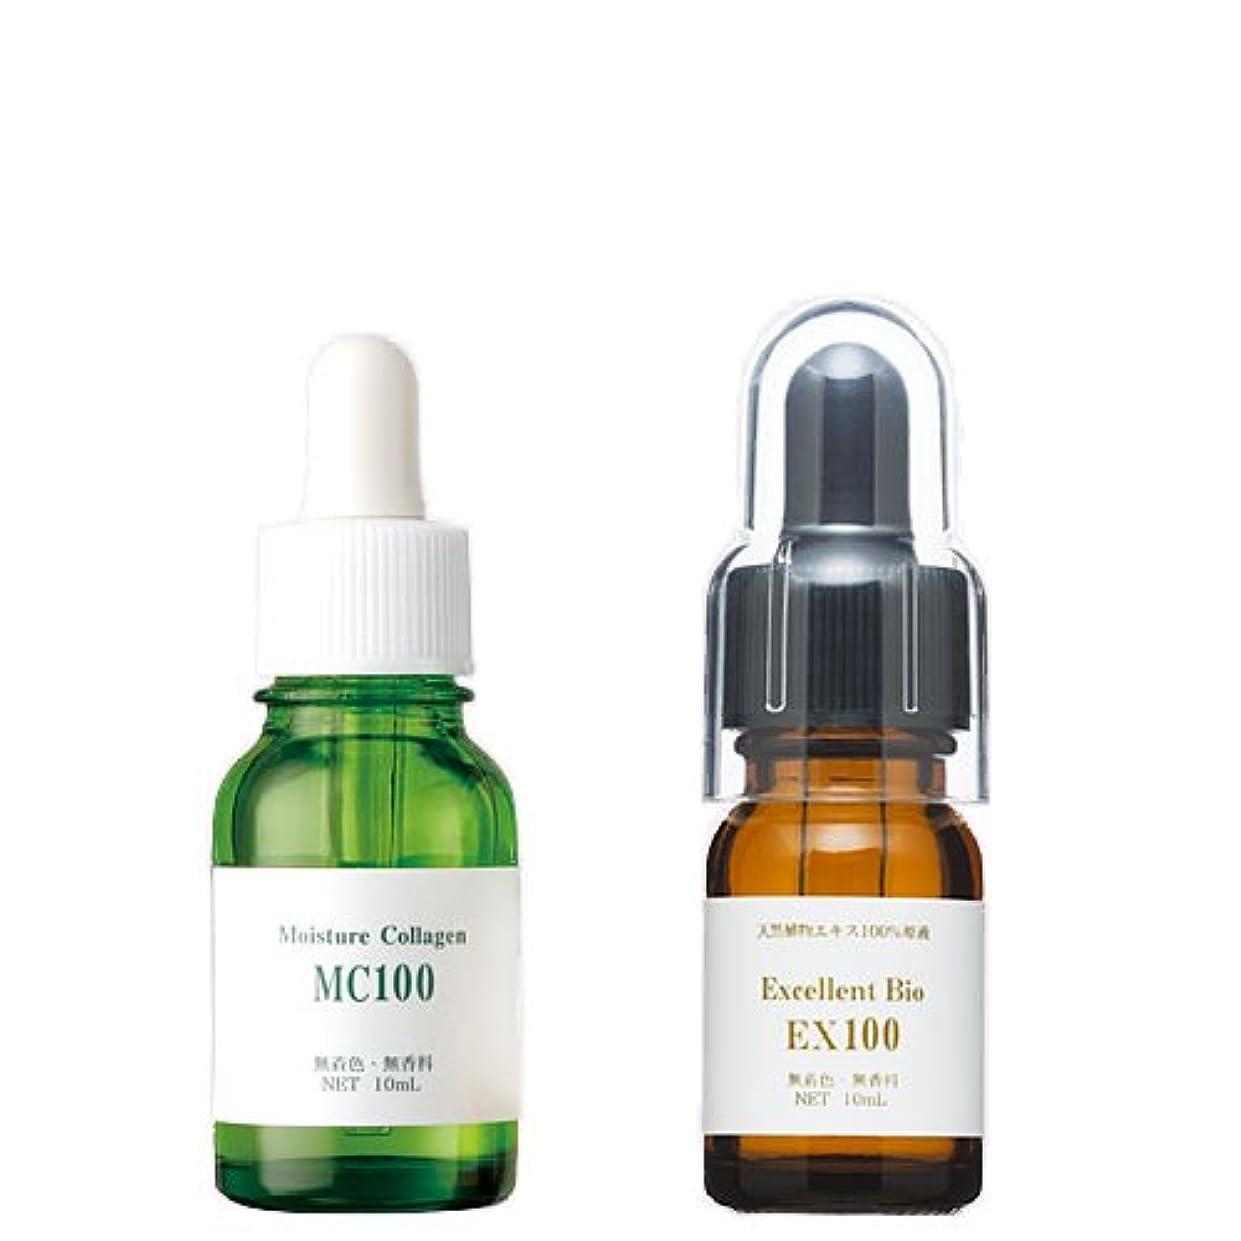 エビス化粧品(EBiS) 植物性コラーゲンMC100(10ml)【エクセレントバイオEX100 (10ml)】人気セット 美容液 原液